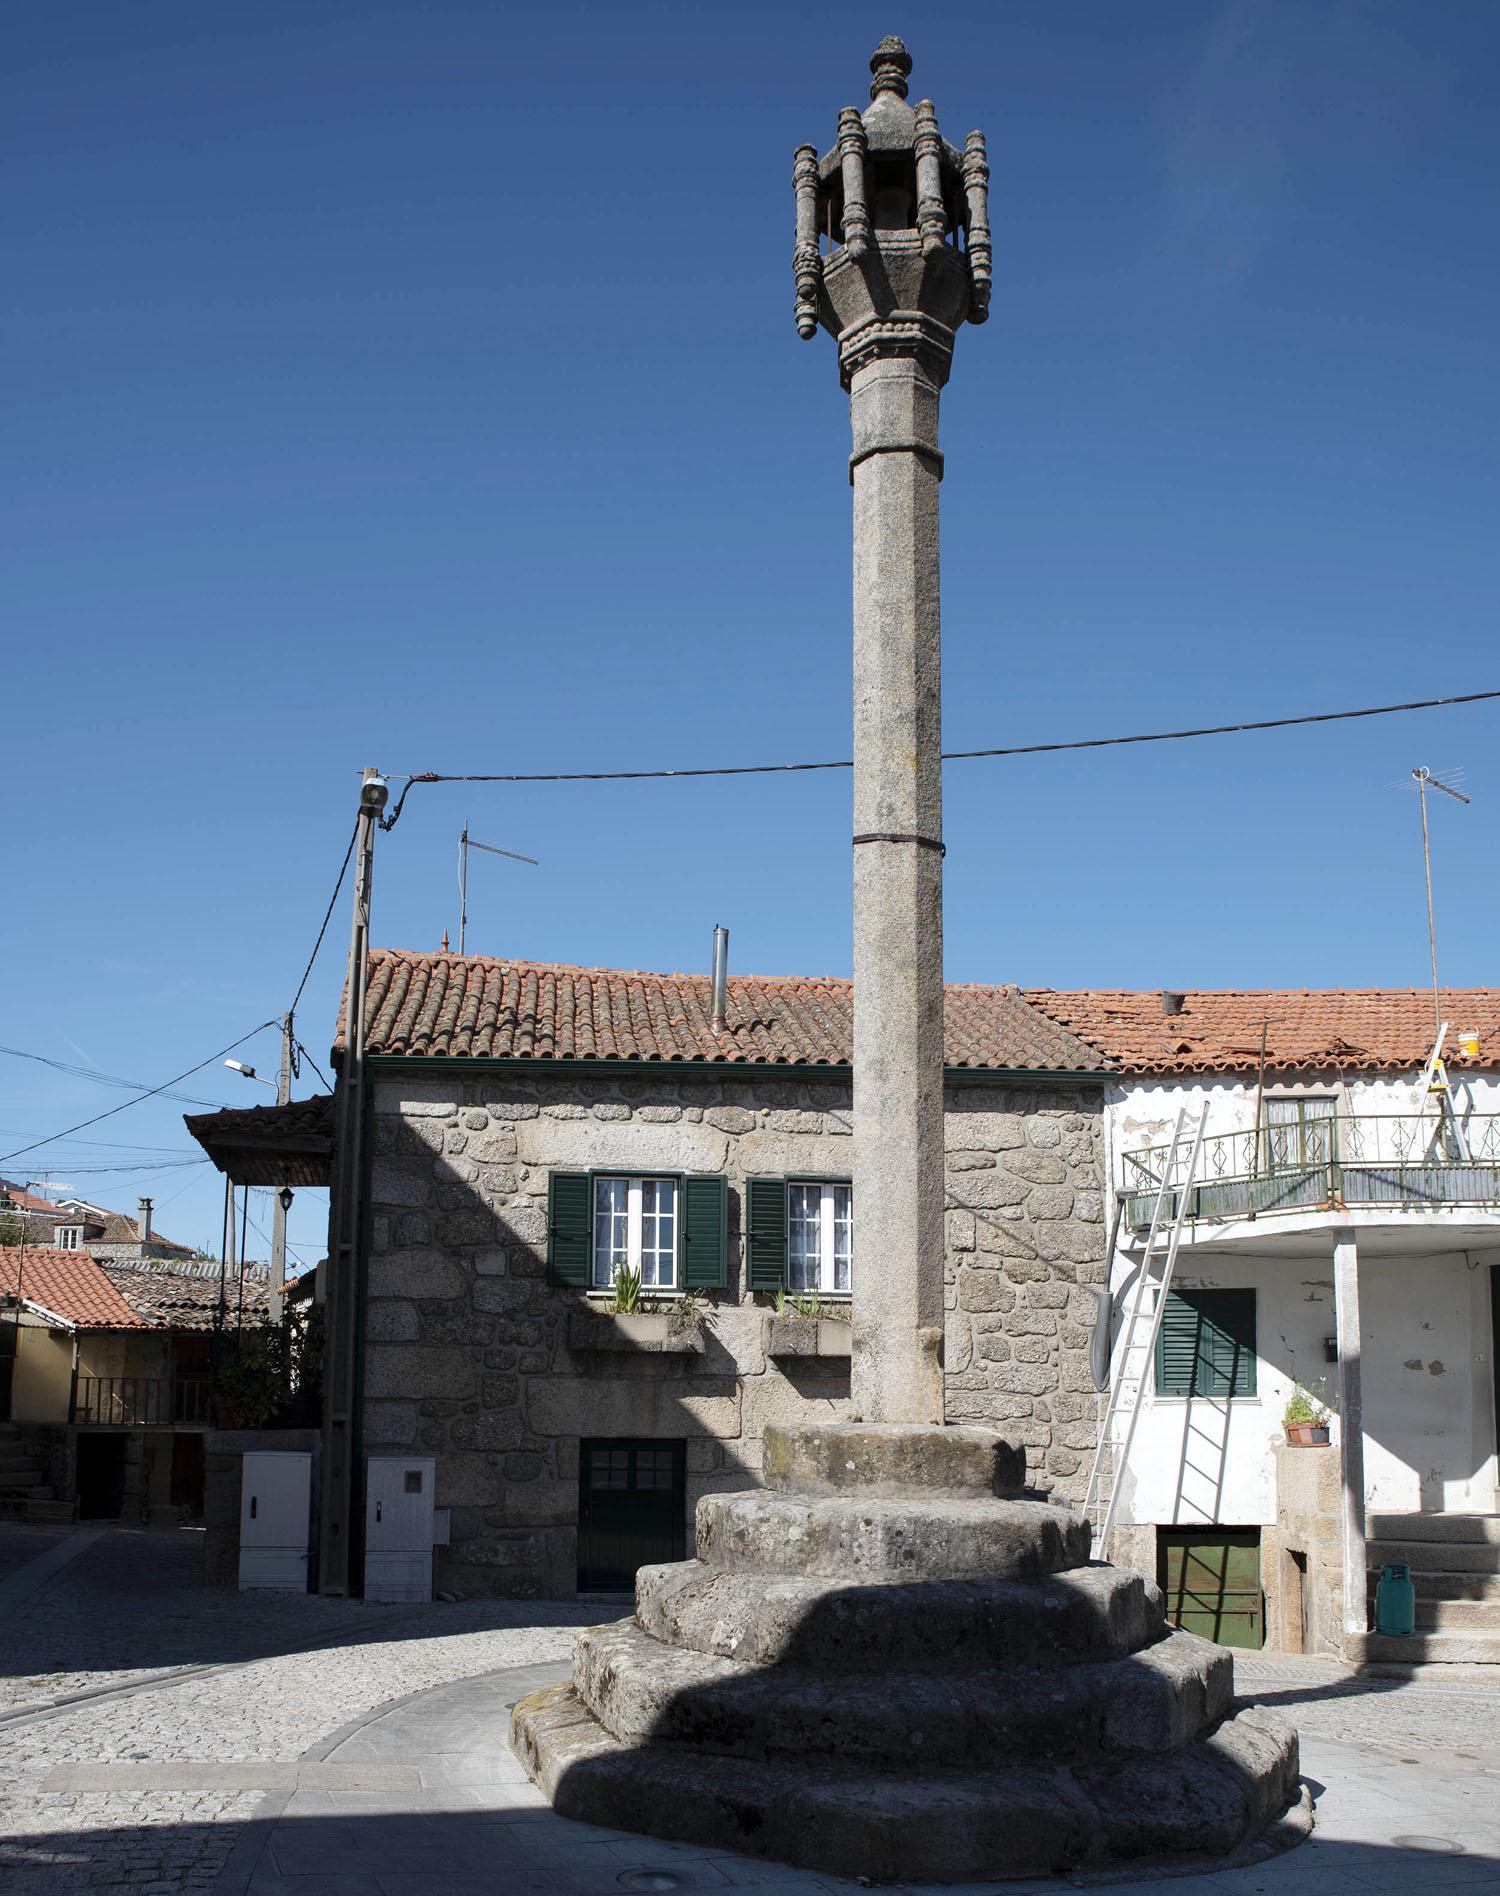 site_algodres_pelourinho_1312